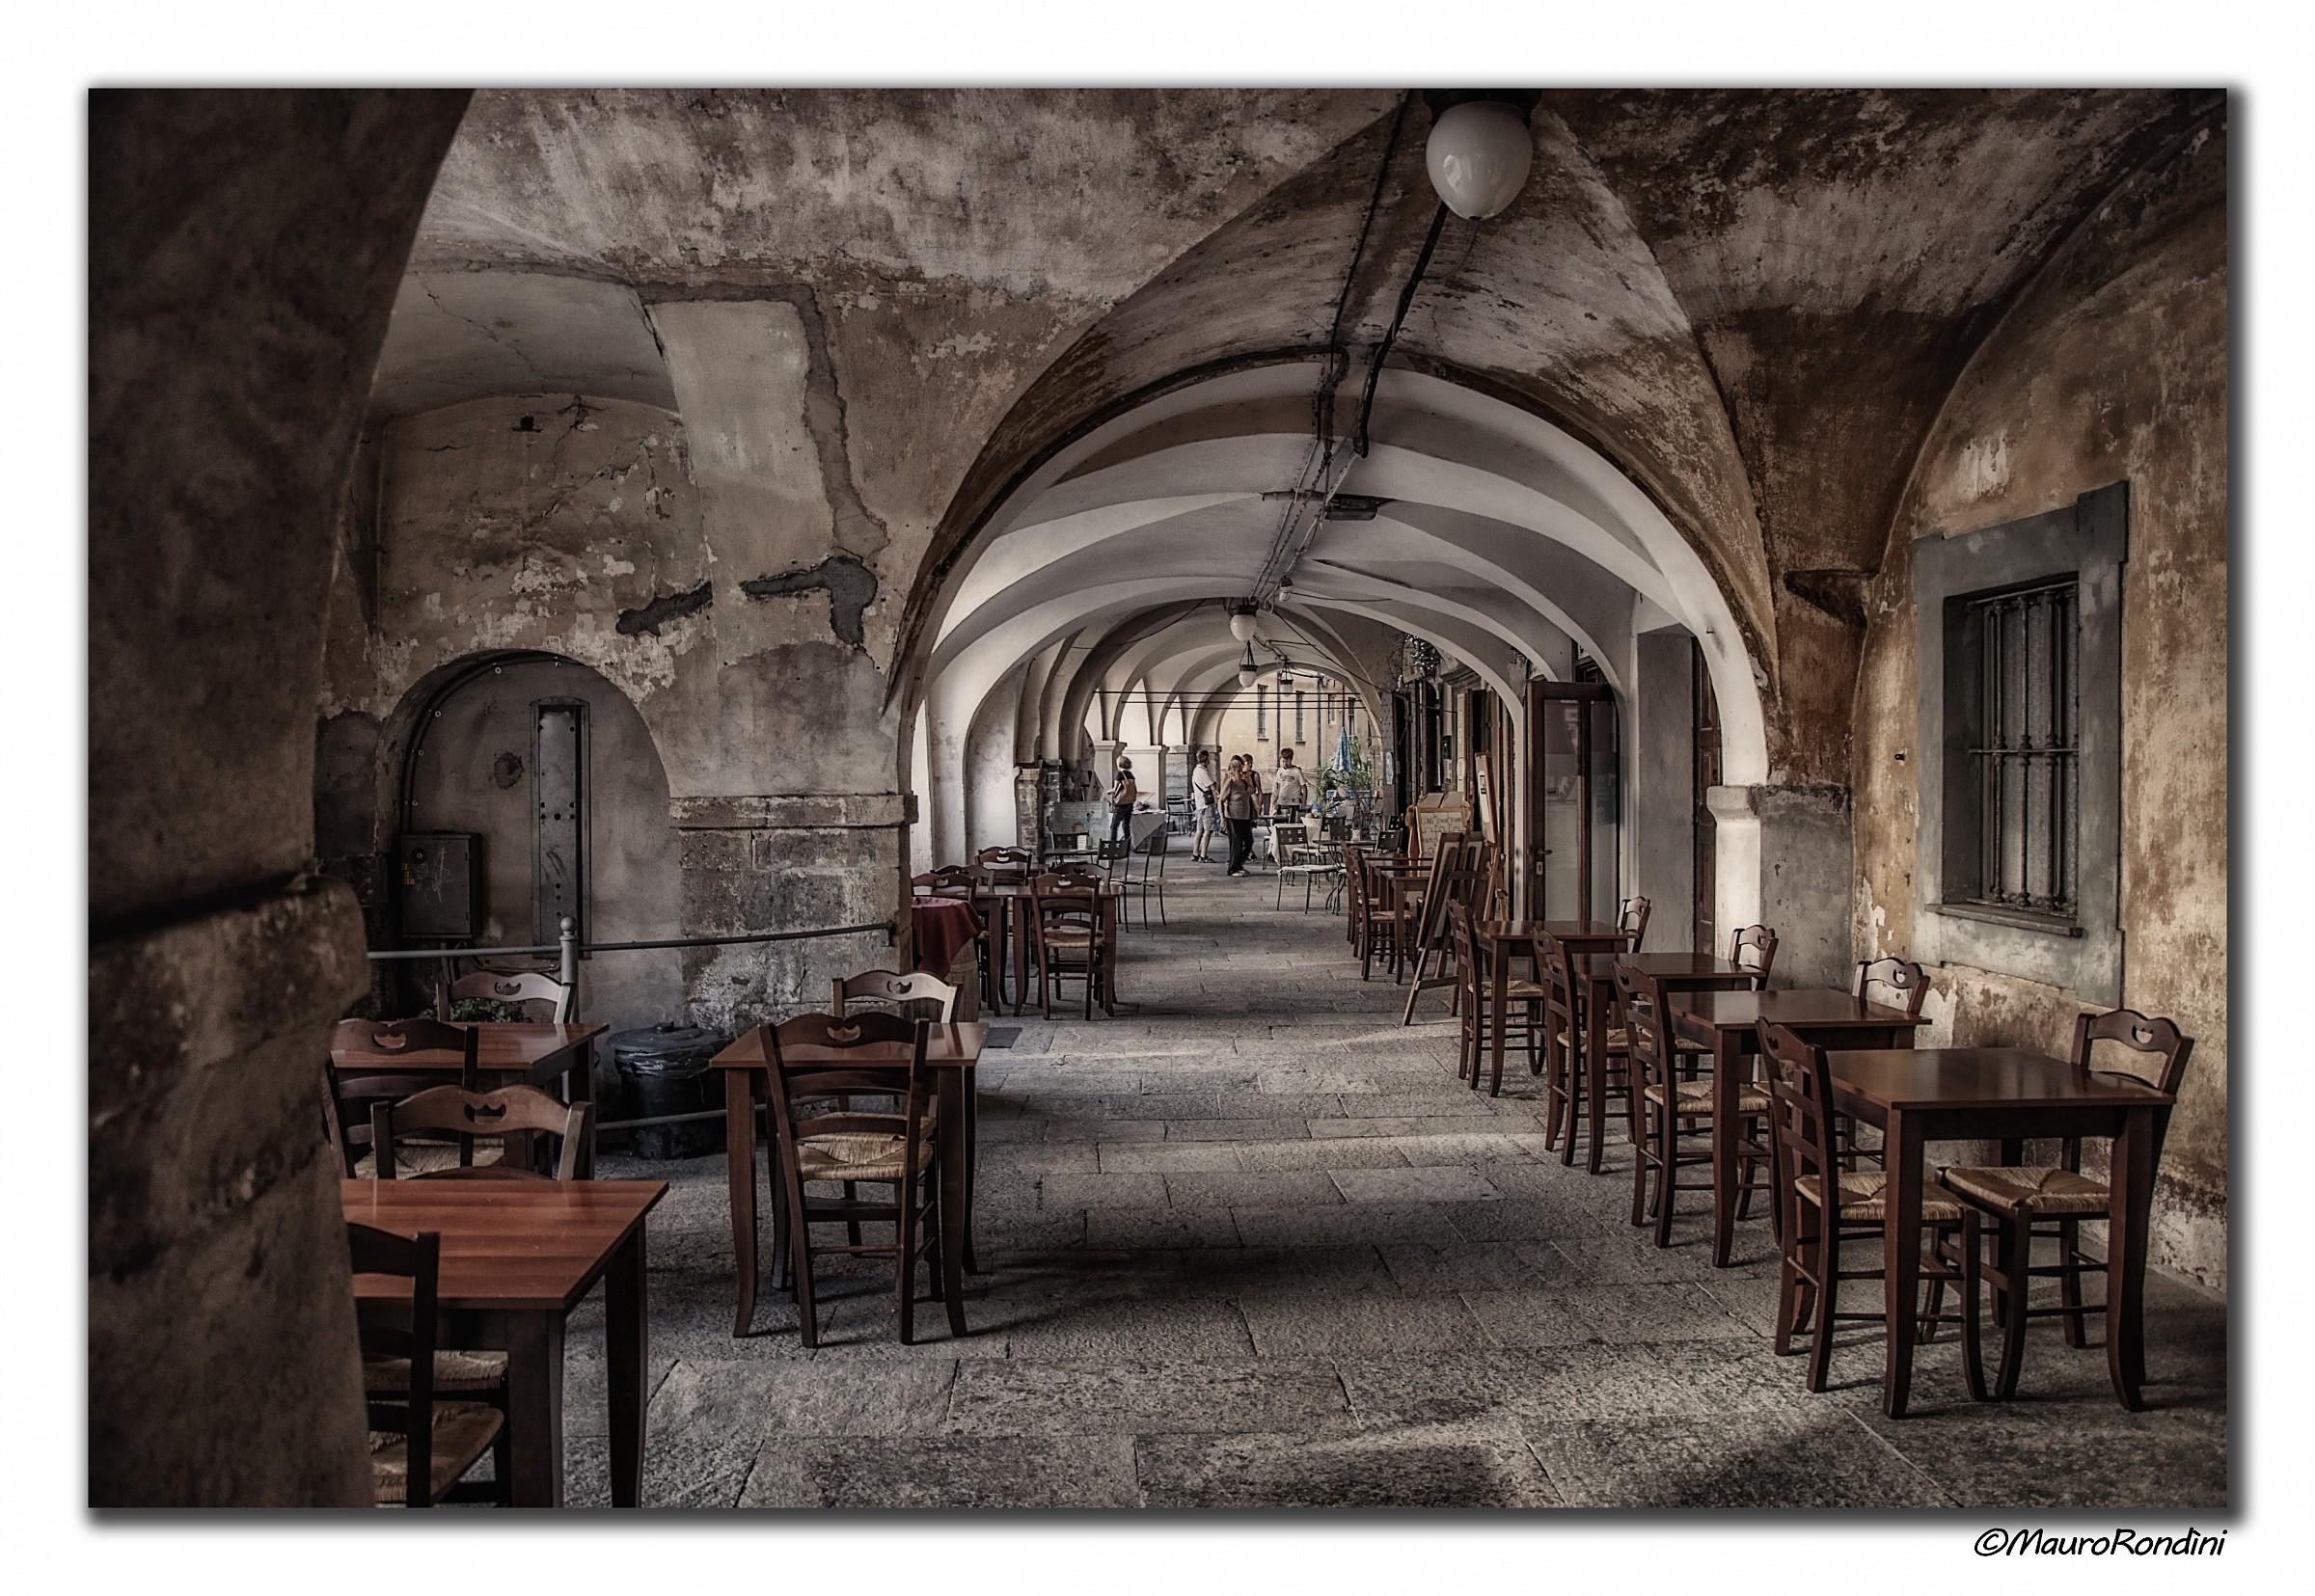 The arcades of old Mondovi...